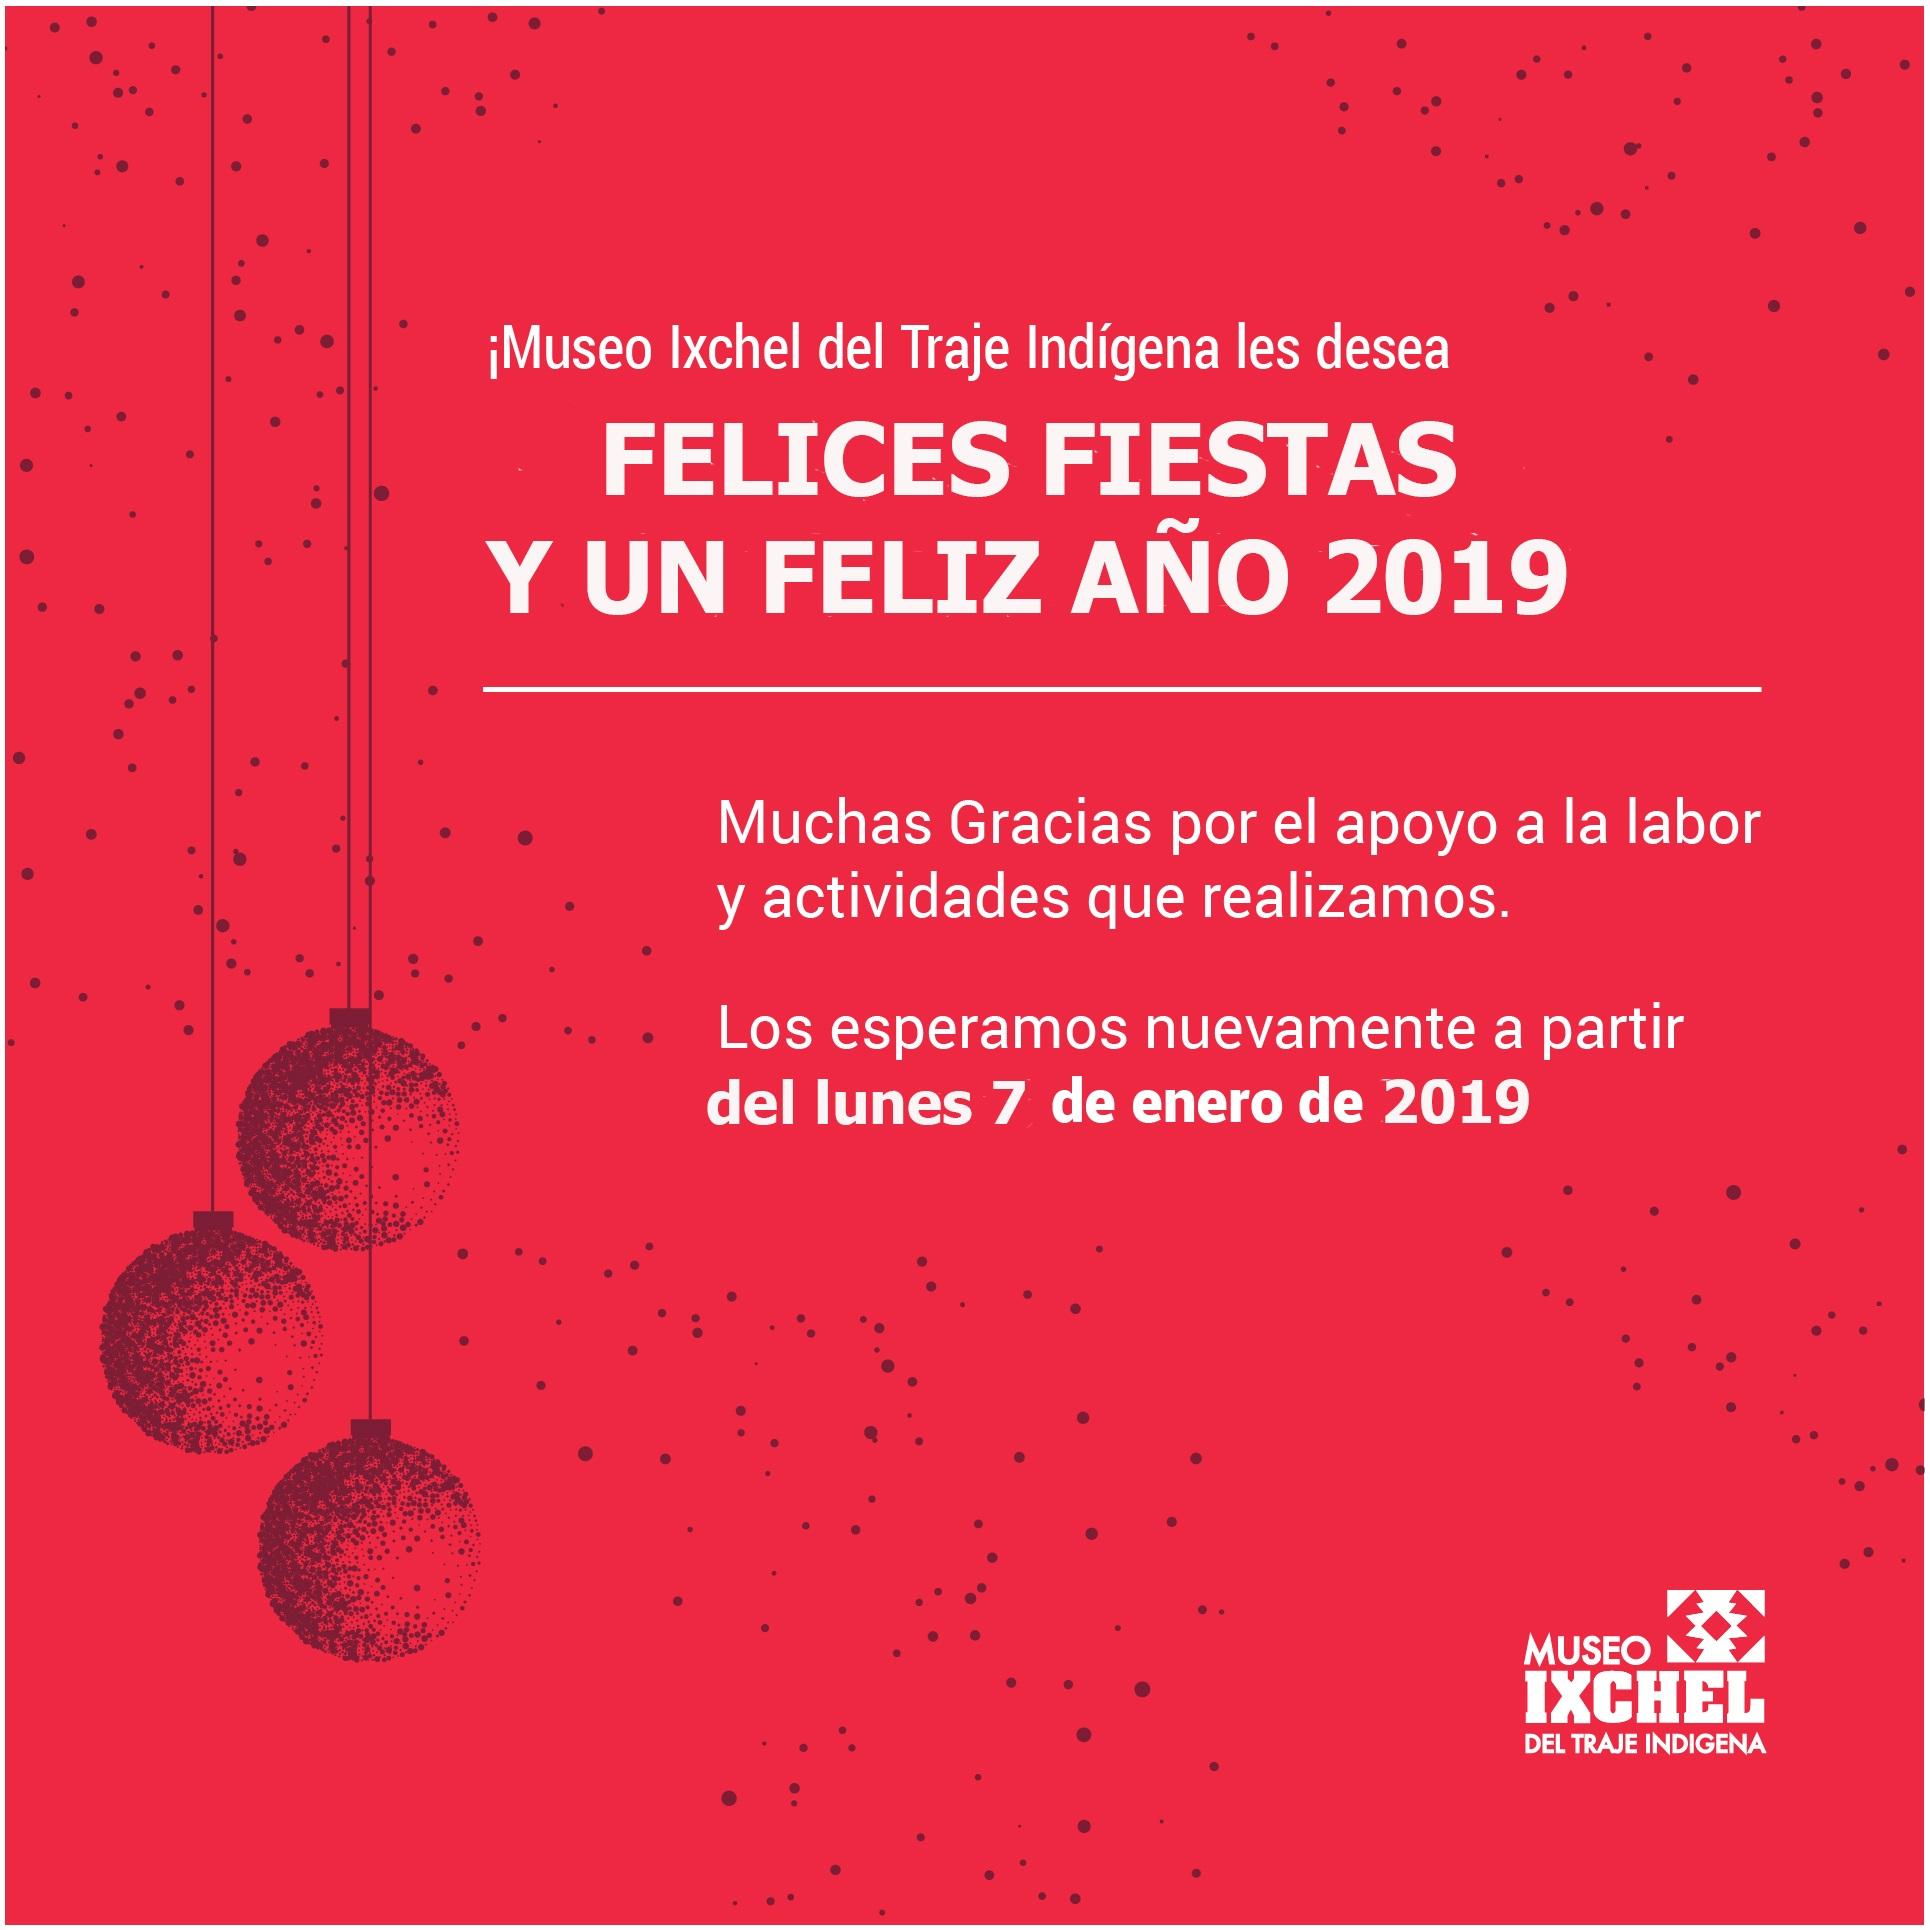 FELICES FIESTAS Y UN FELIZ AÑO 2019.  Los esperamos nuevamente a partir del 7 de enero de 2019.